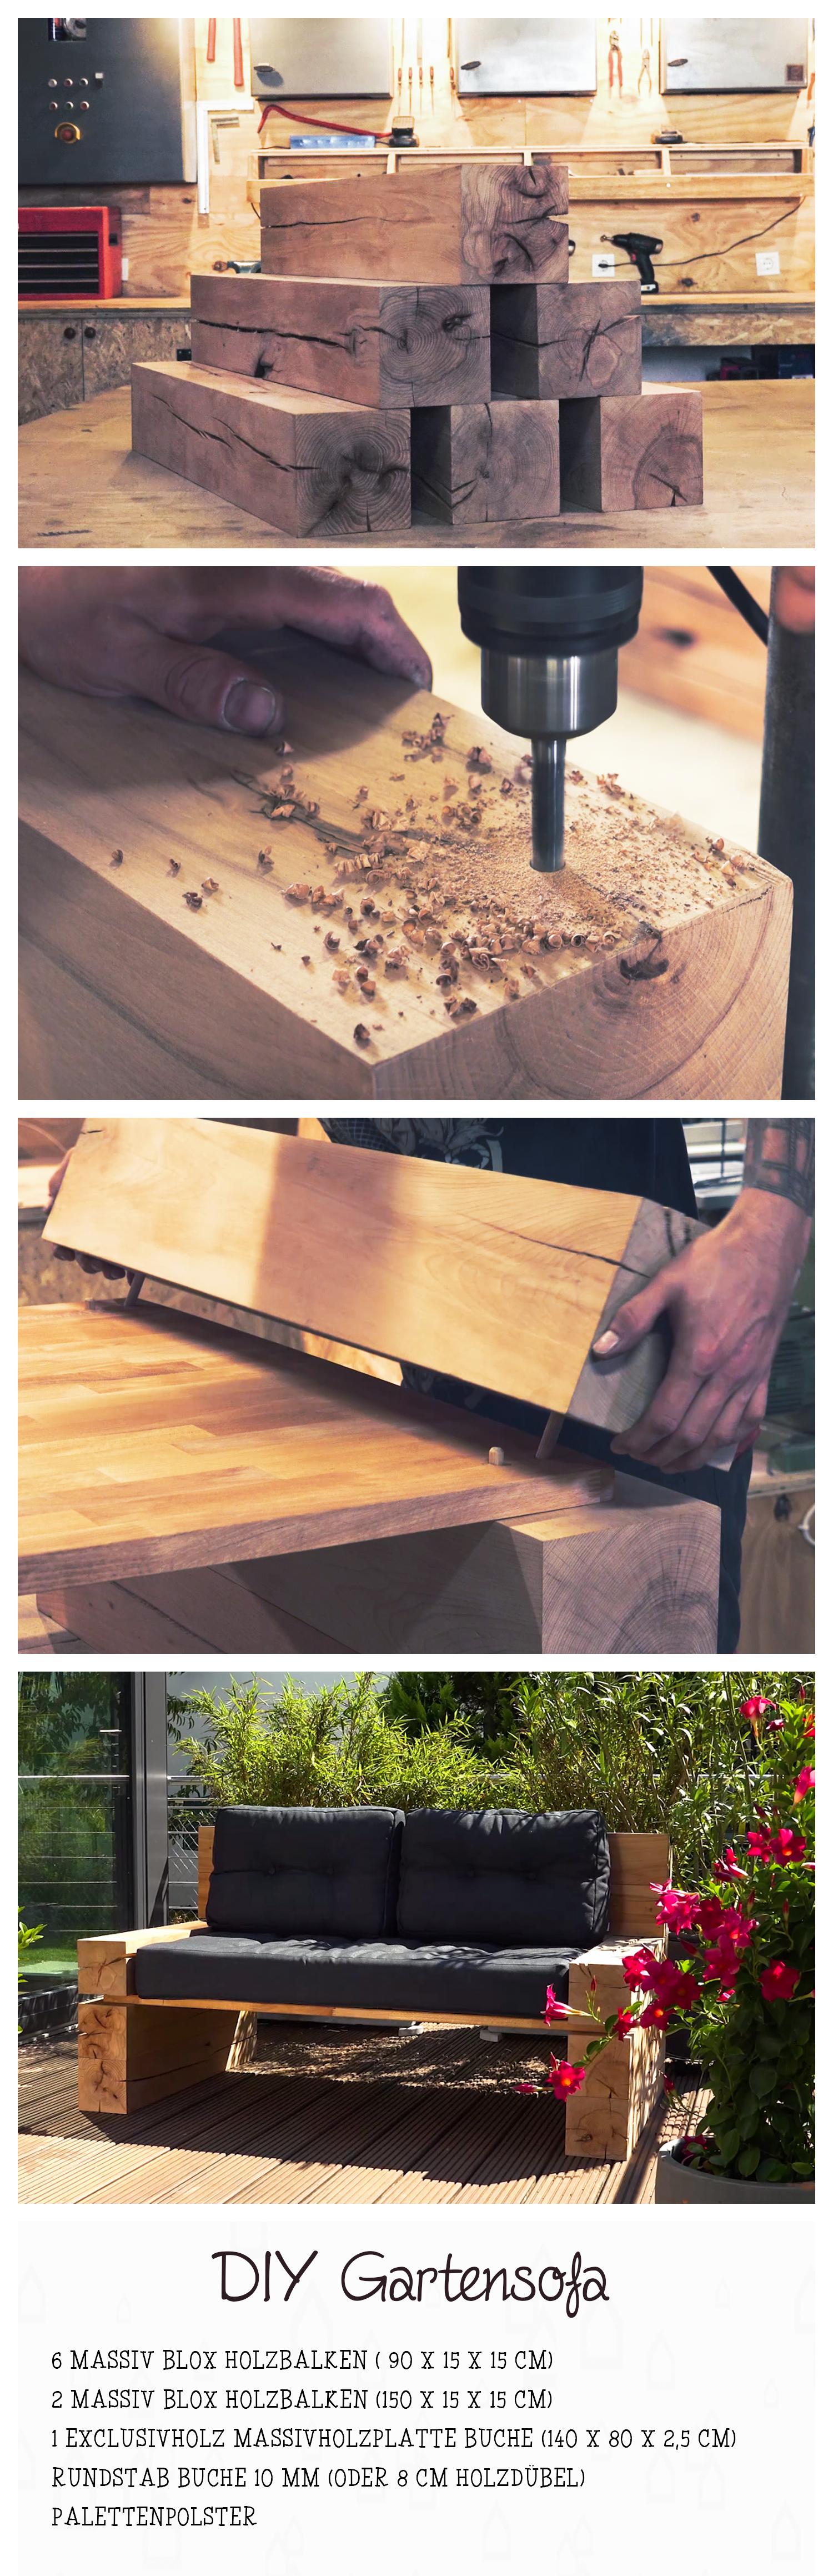 Massiv Blox Holzbalken L X B X H 90 X 15 X 15 Cm Buche Gartensofa Holzbalken Holz